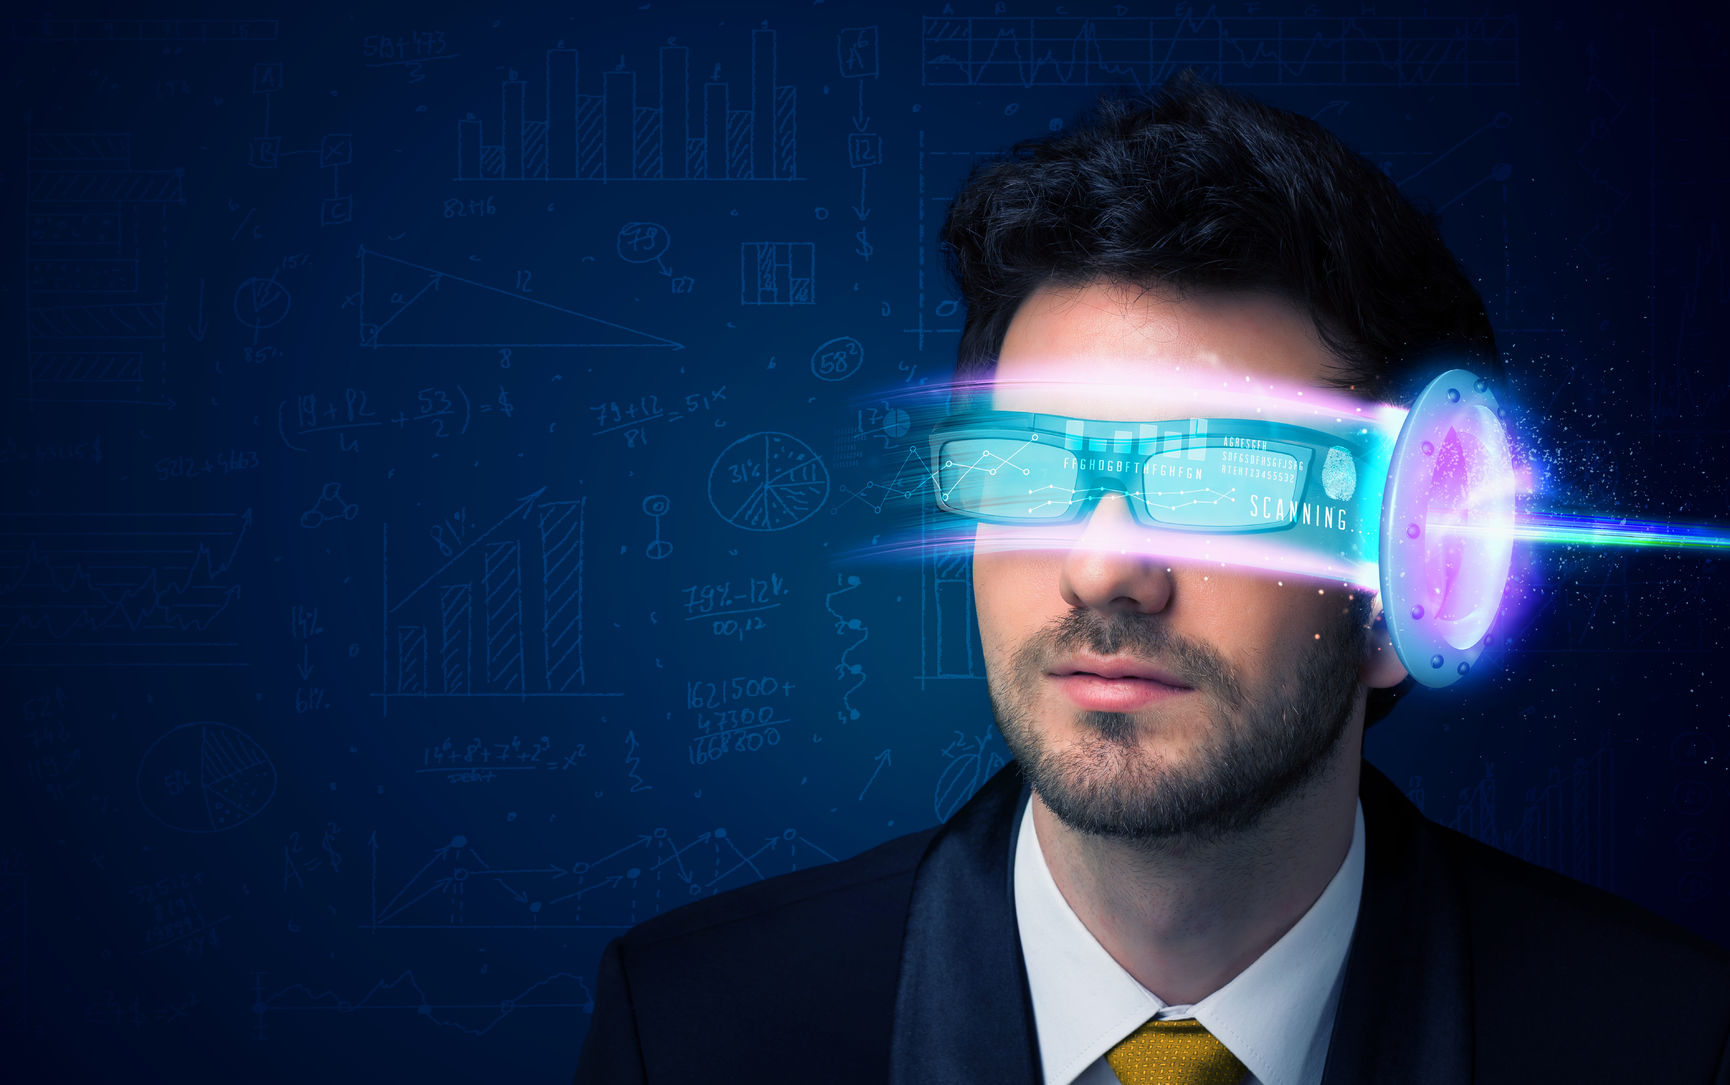 Future goggles